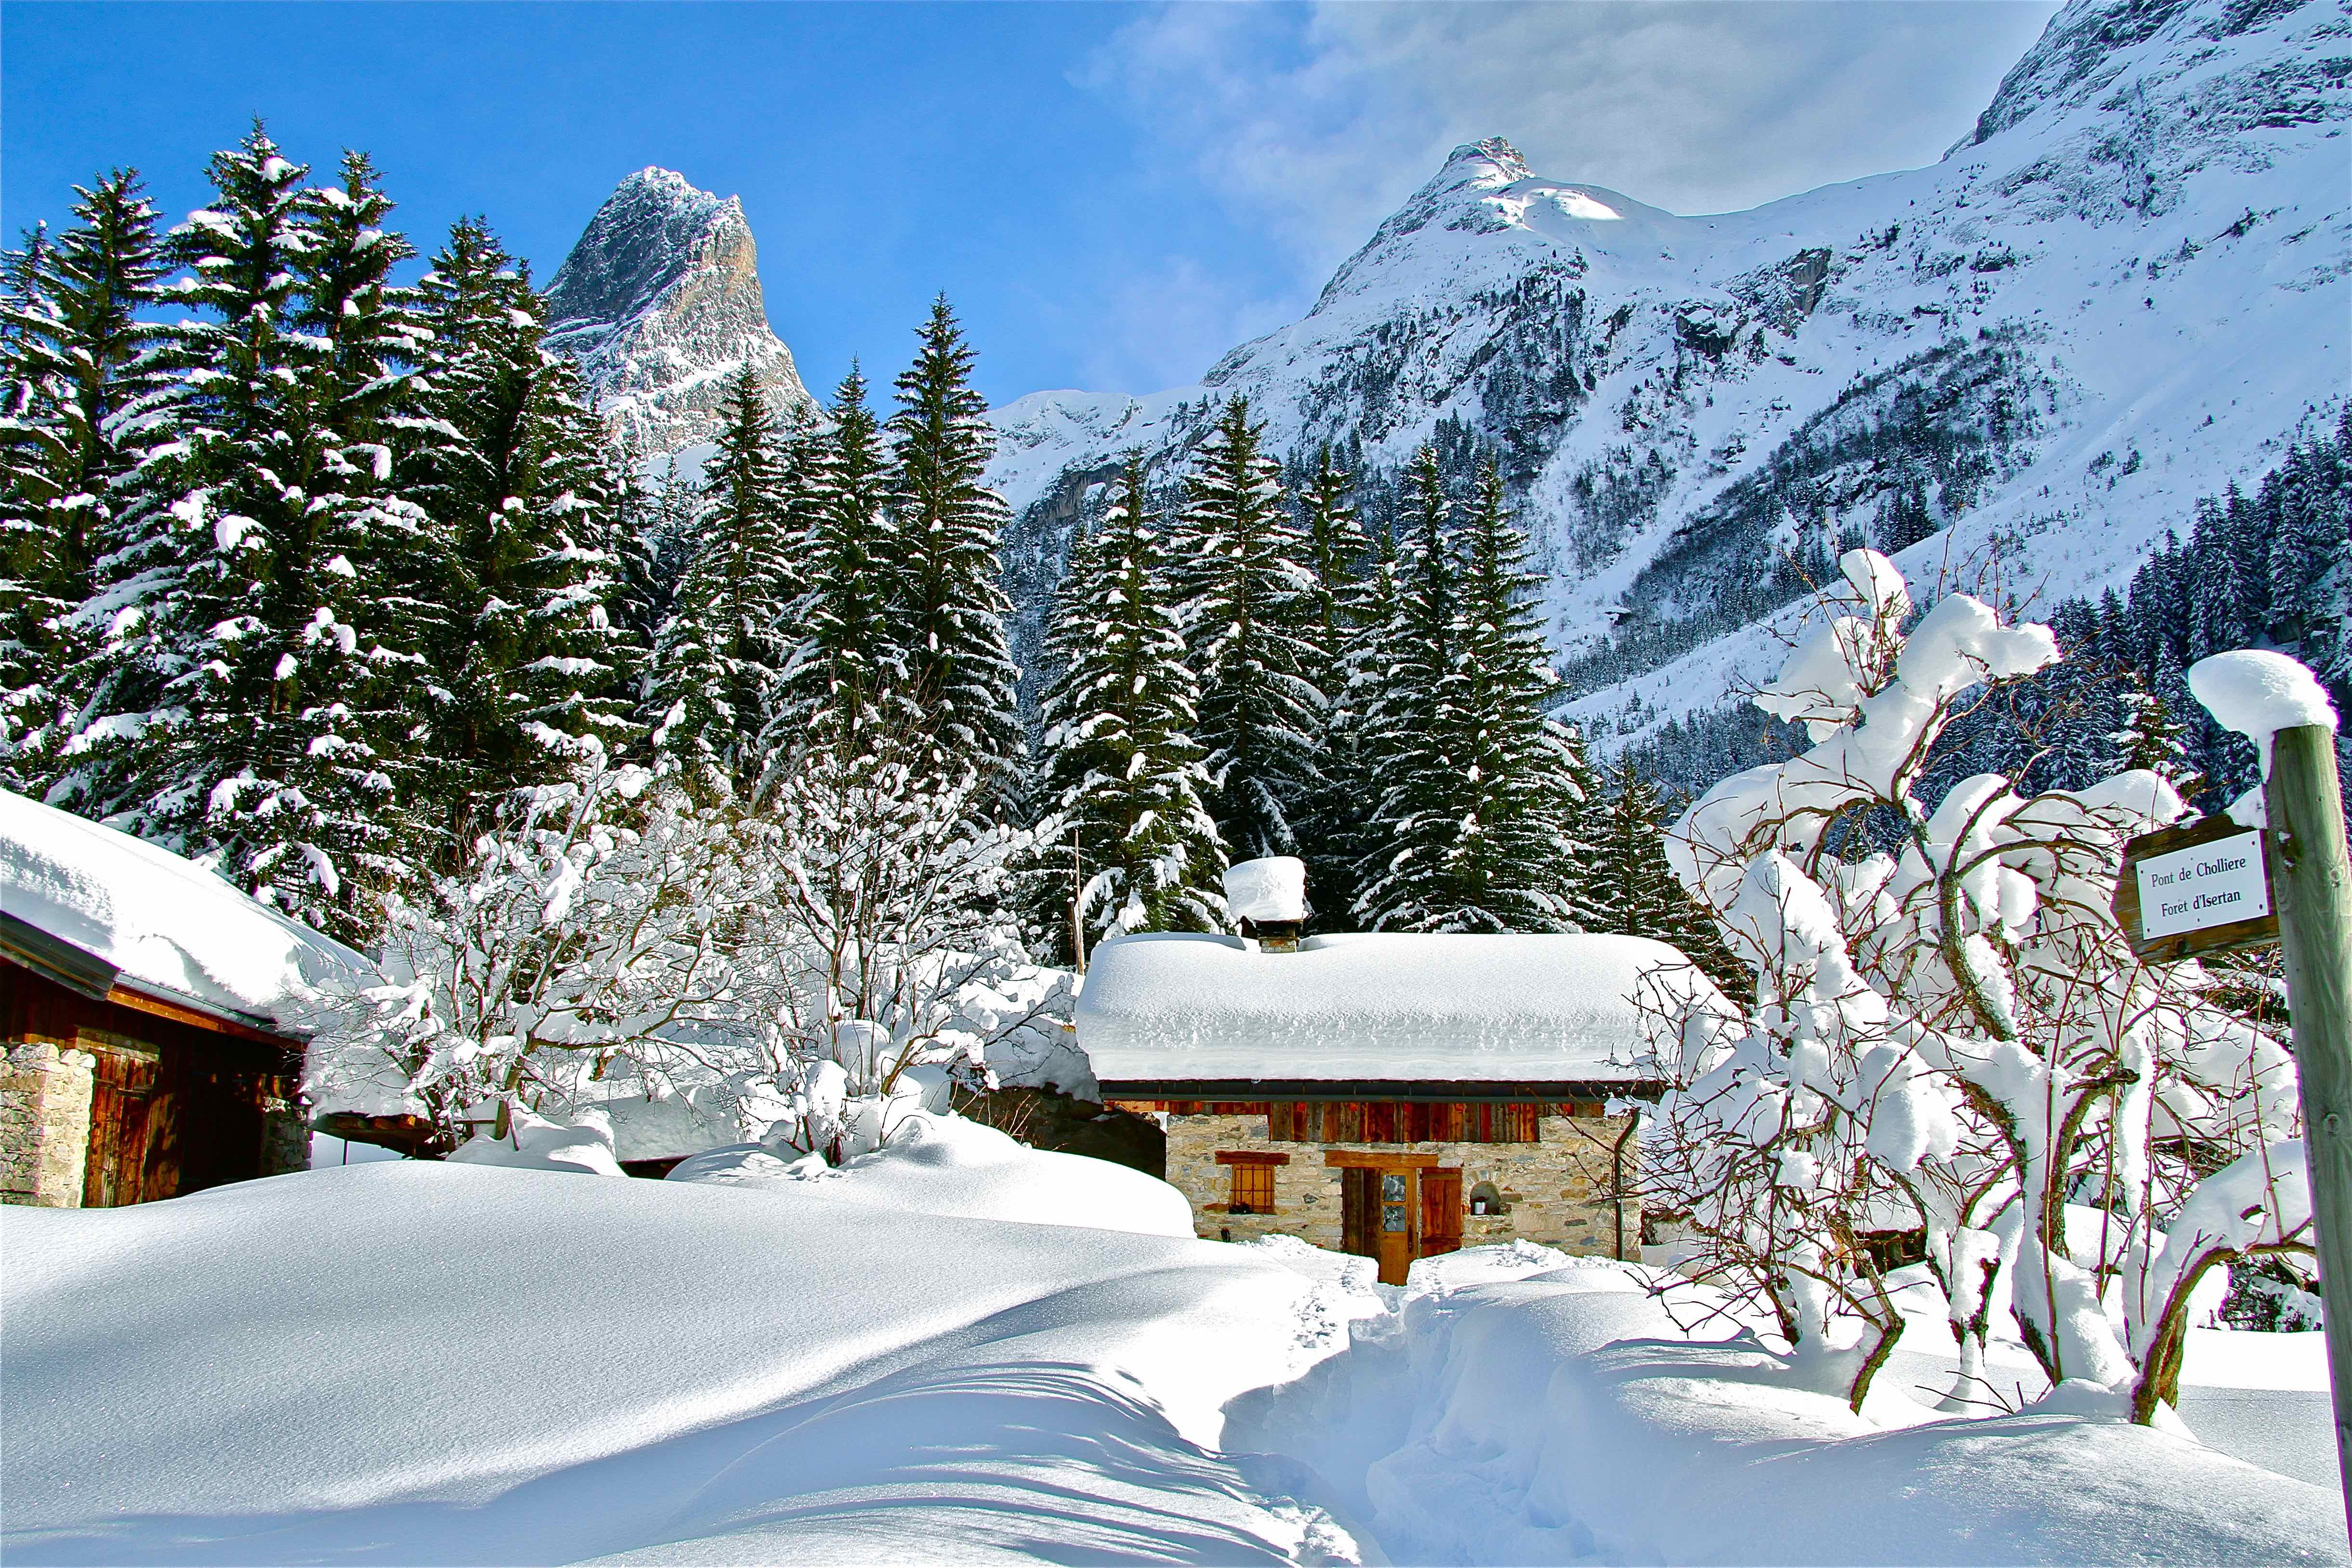 Pralognan la vanoise savoie mont blanc savoie et haute savoie alpes - Pralognan office tourisme ...